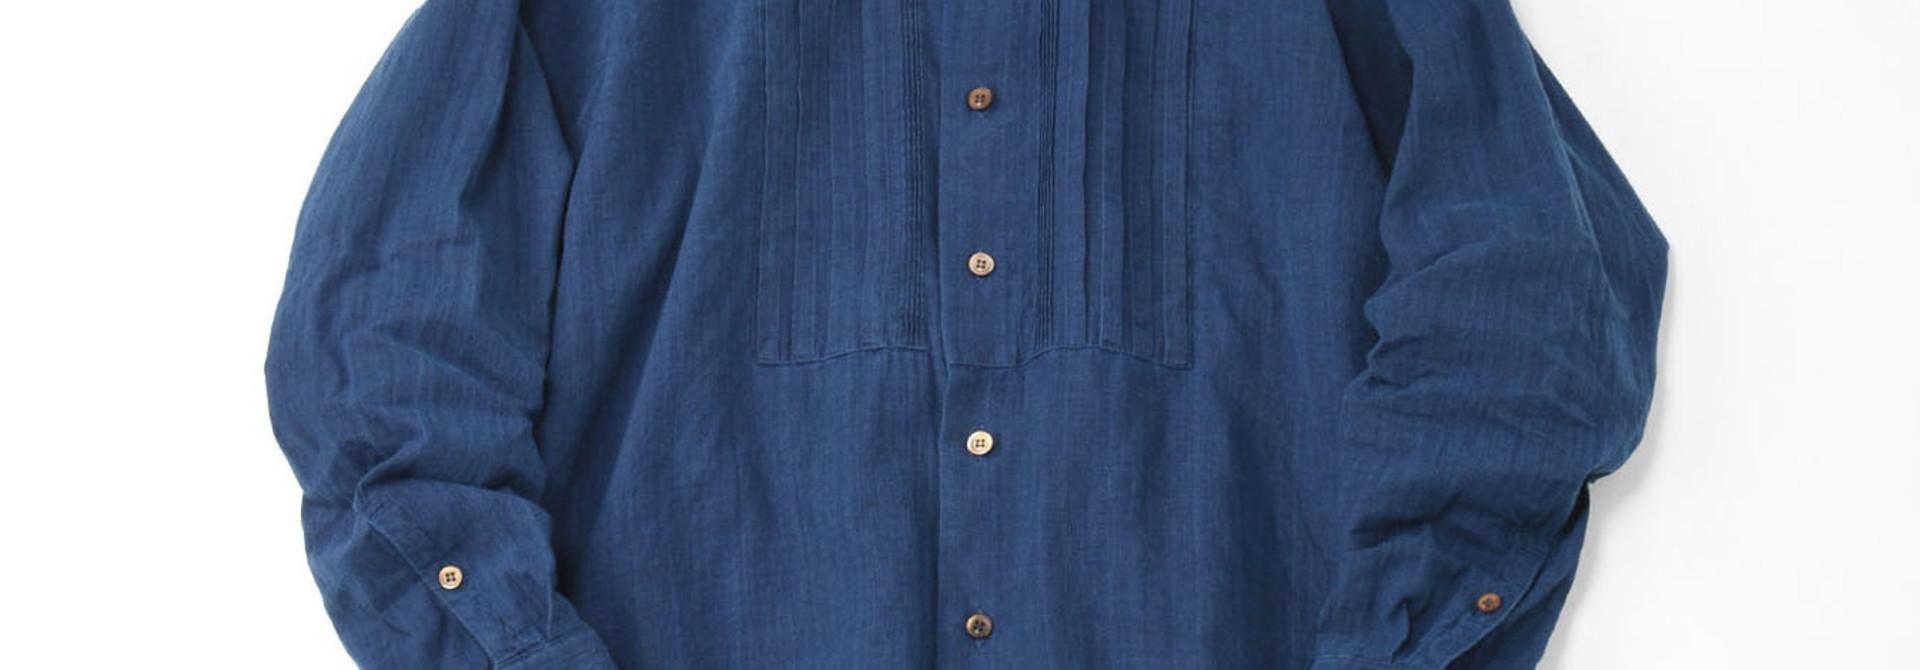 Ai Khadi Pin-tuck Shirt